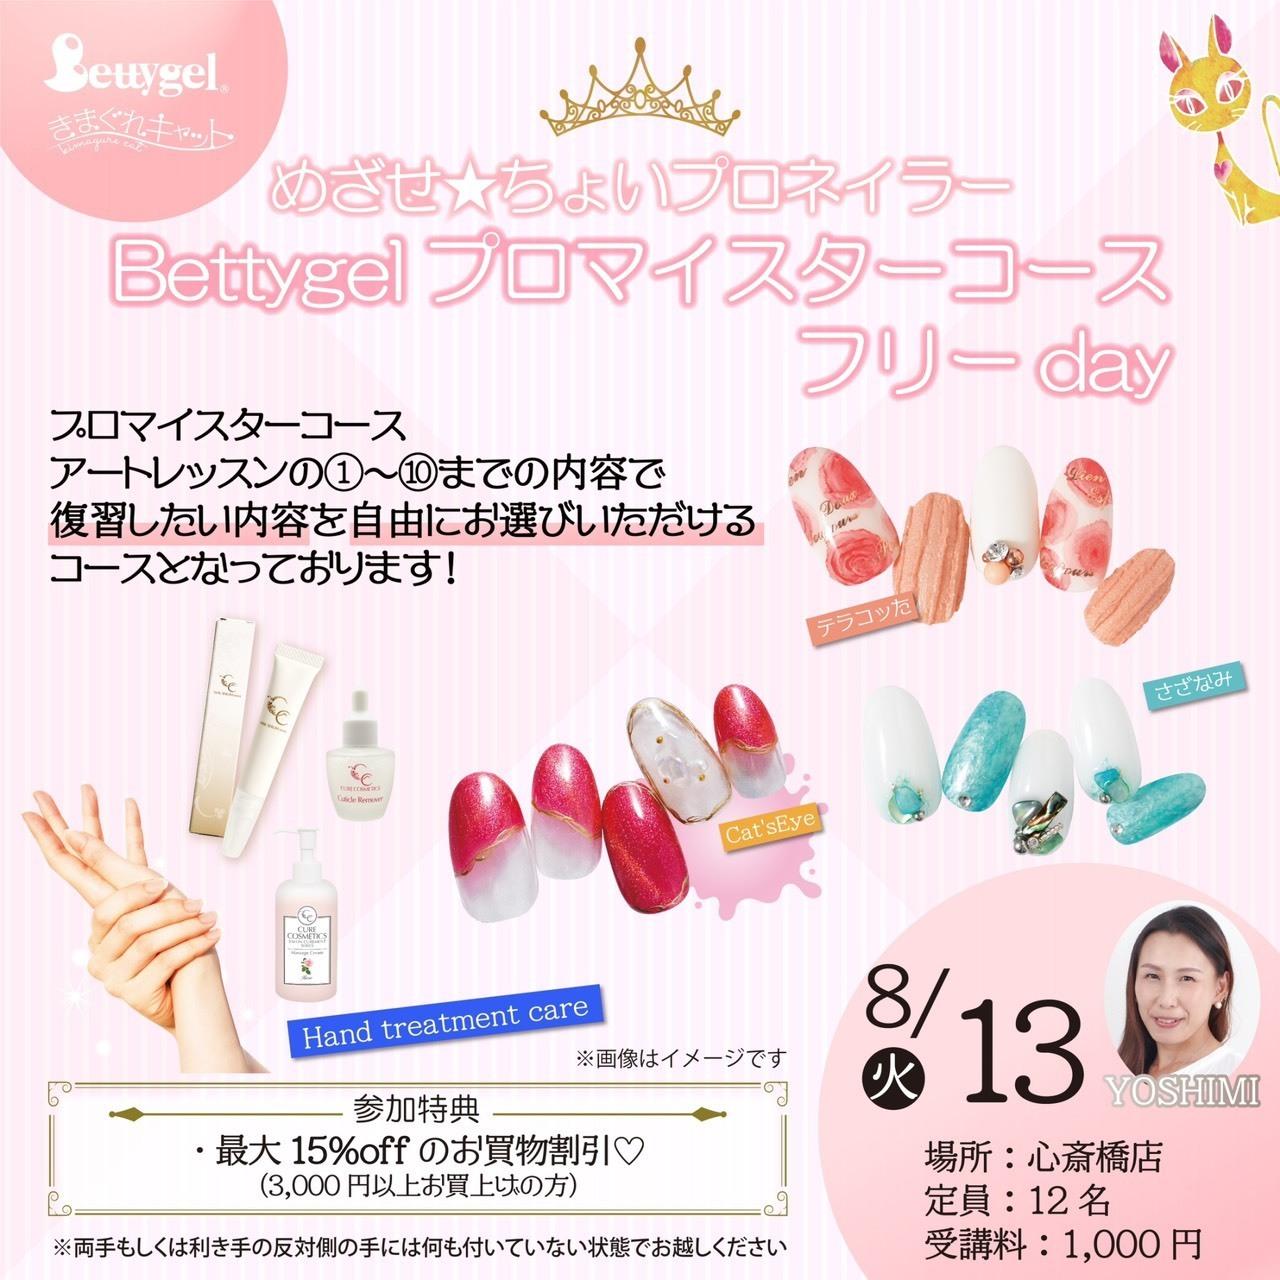 【大阪心斎橋】Bettygelプロマイスターコース フリーレッスンday